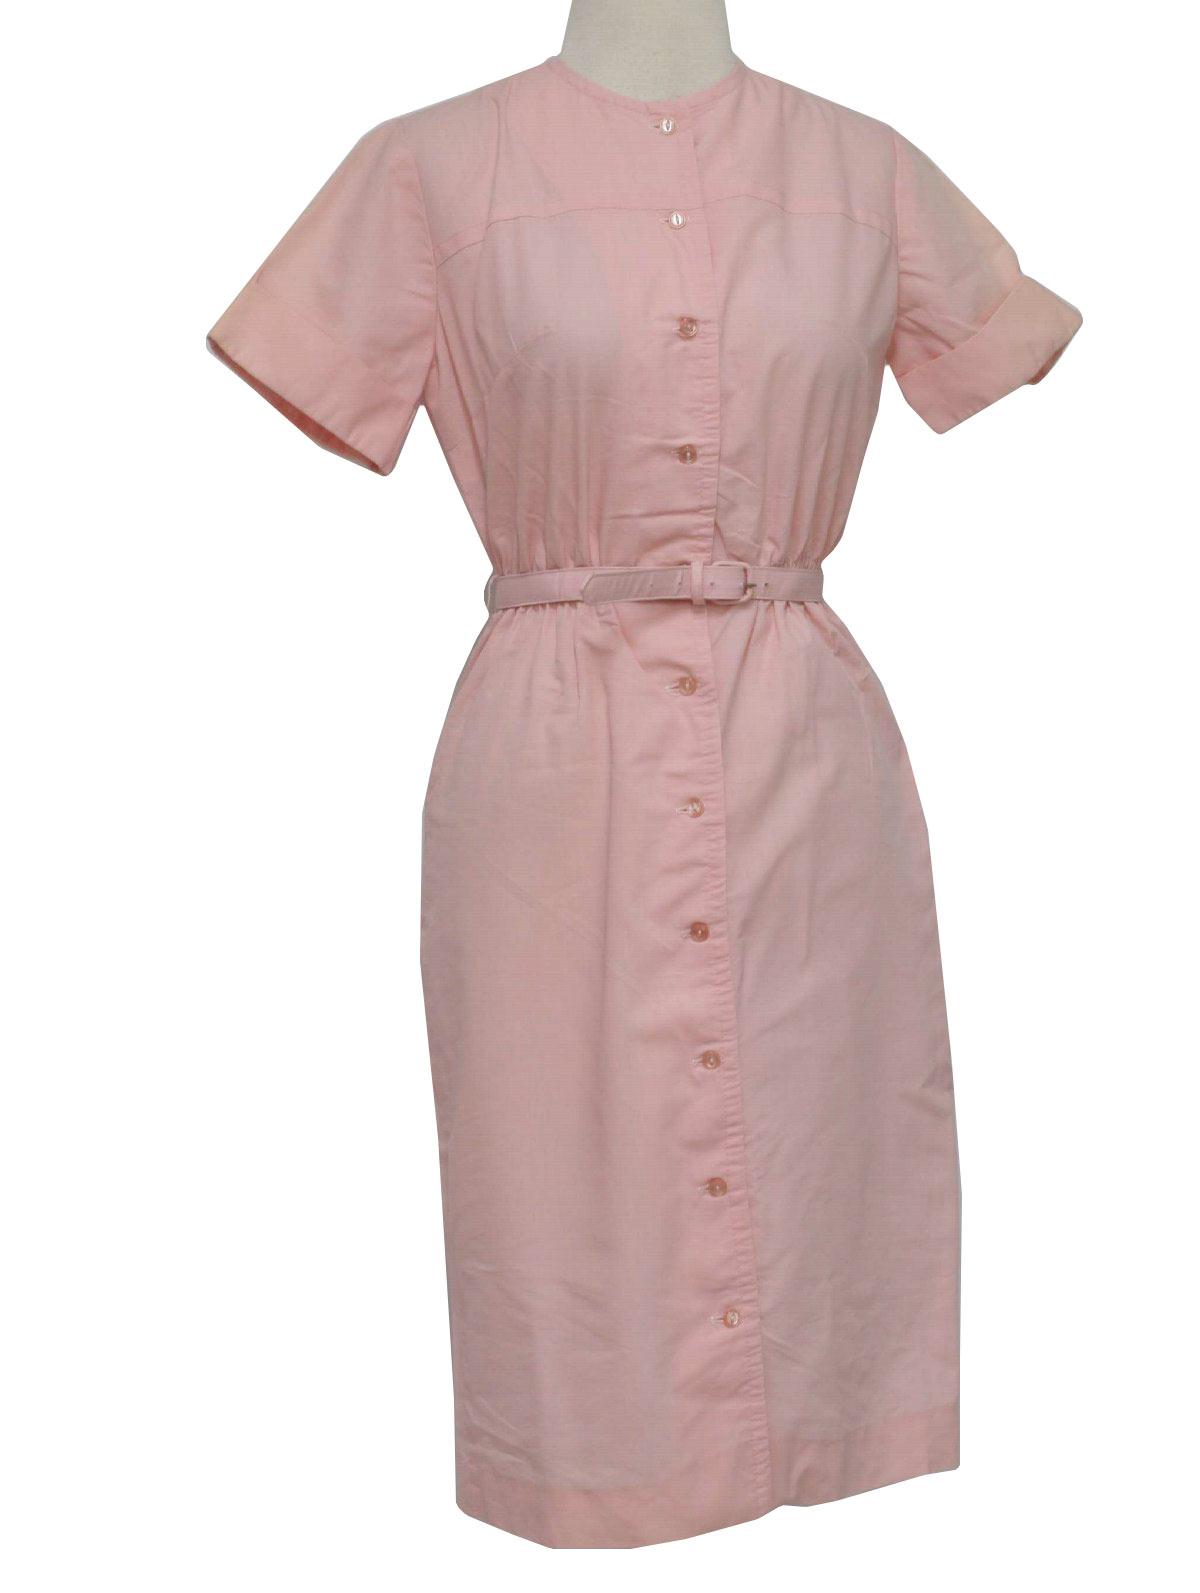 Vintage Light Pink Short Dresses